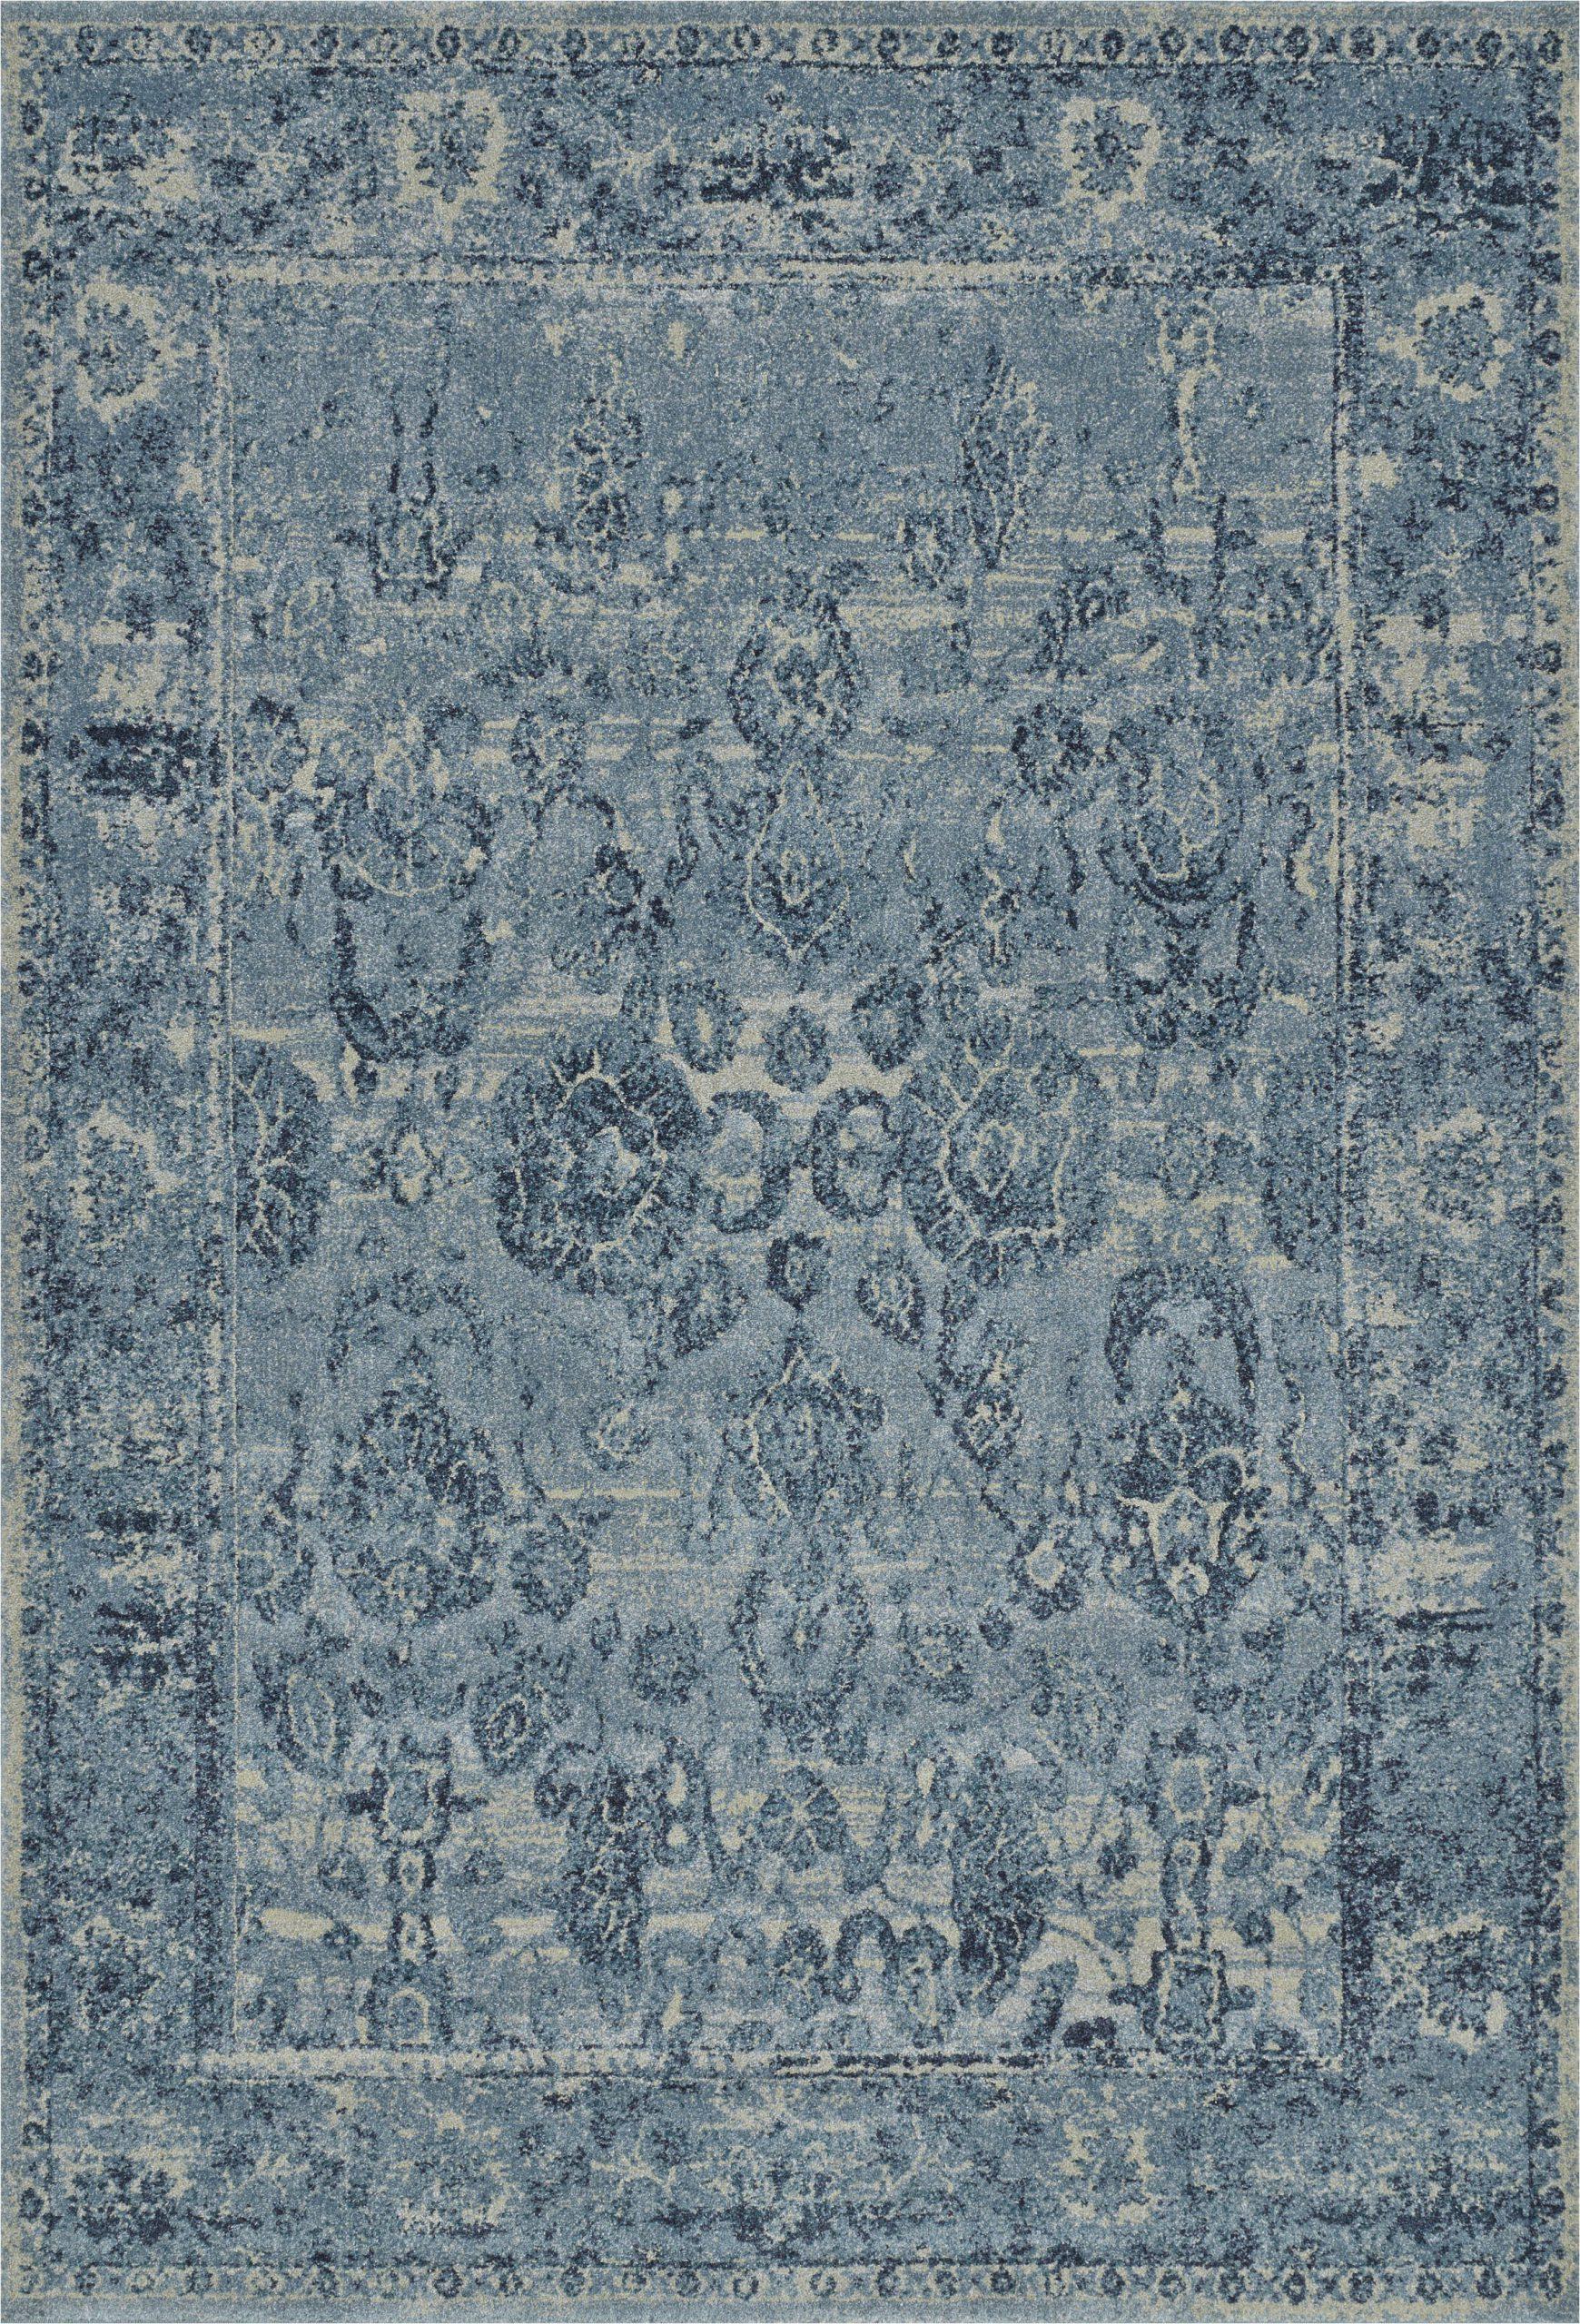 palma oriental sky blue area rug